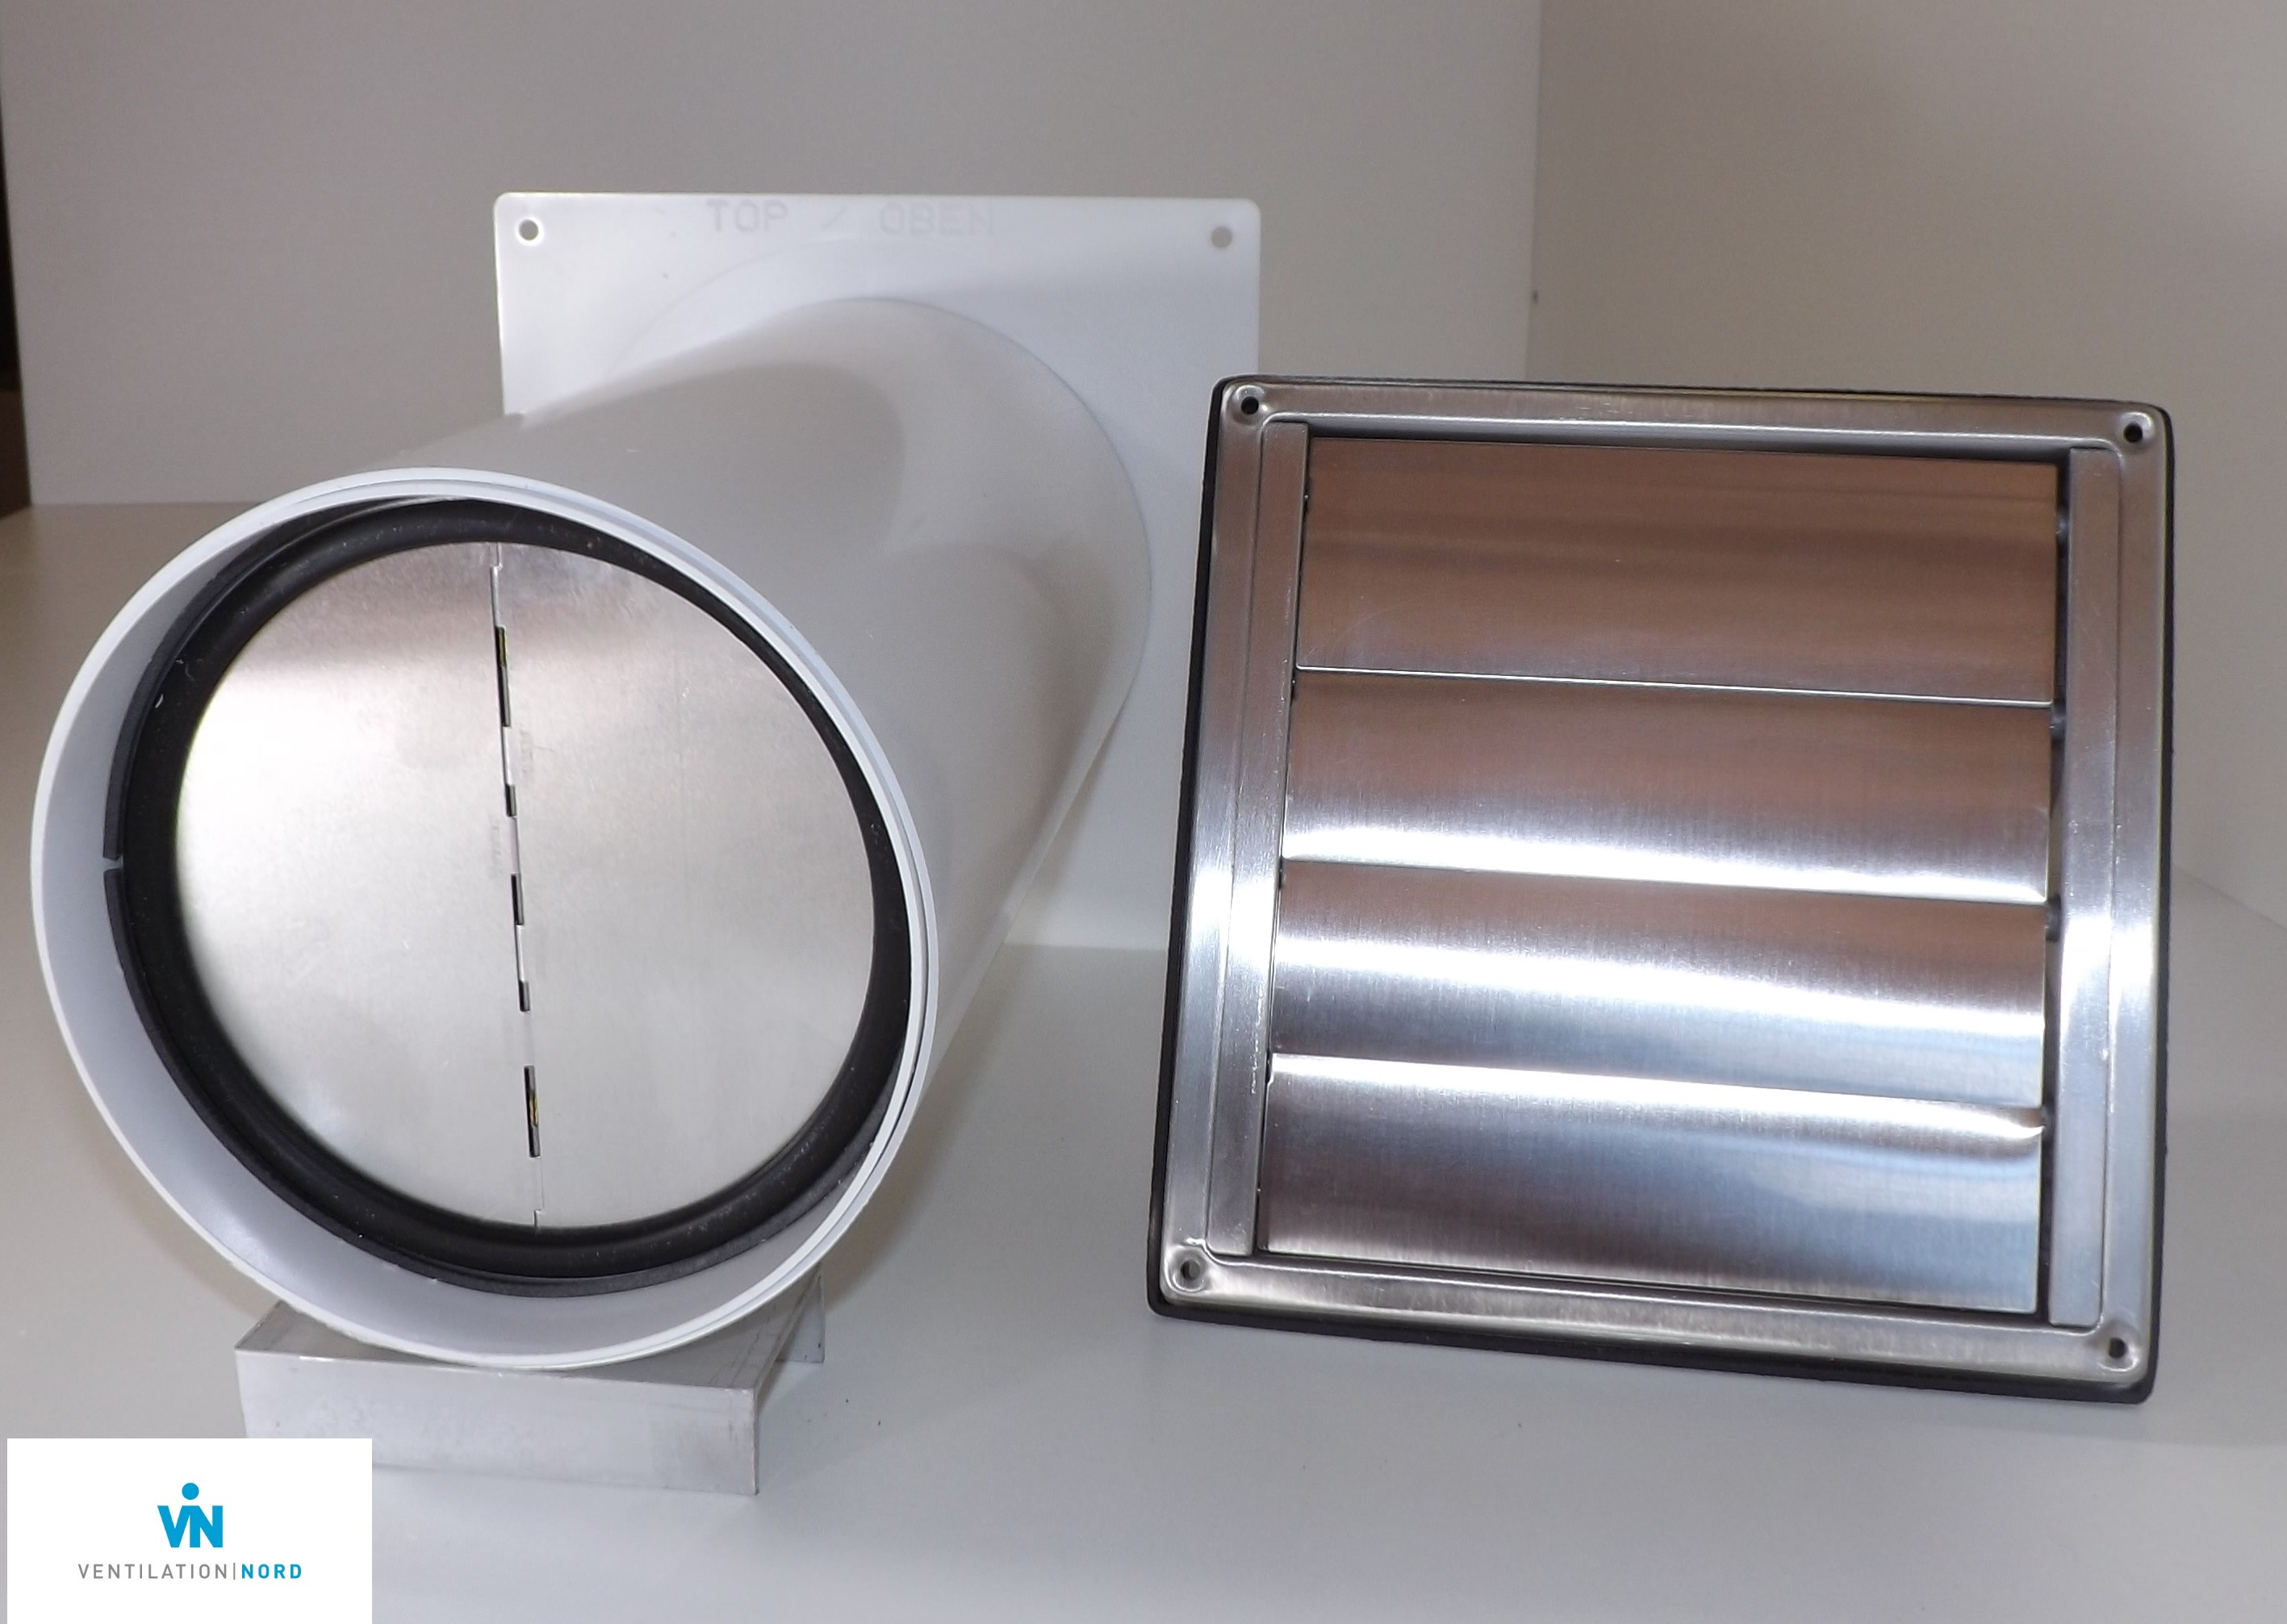 Dunstabzugshaube abluft dämmung: dunstabzugshaube montieren. 04